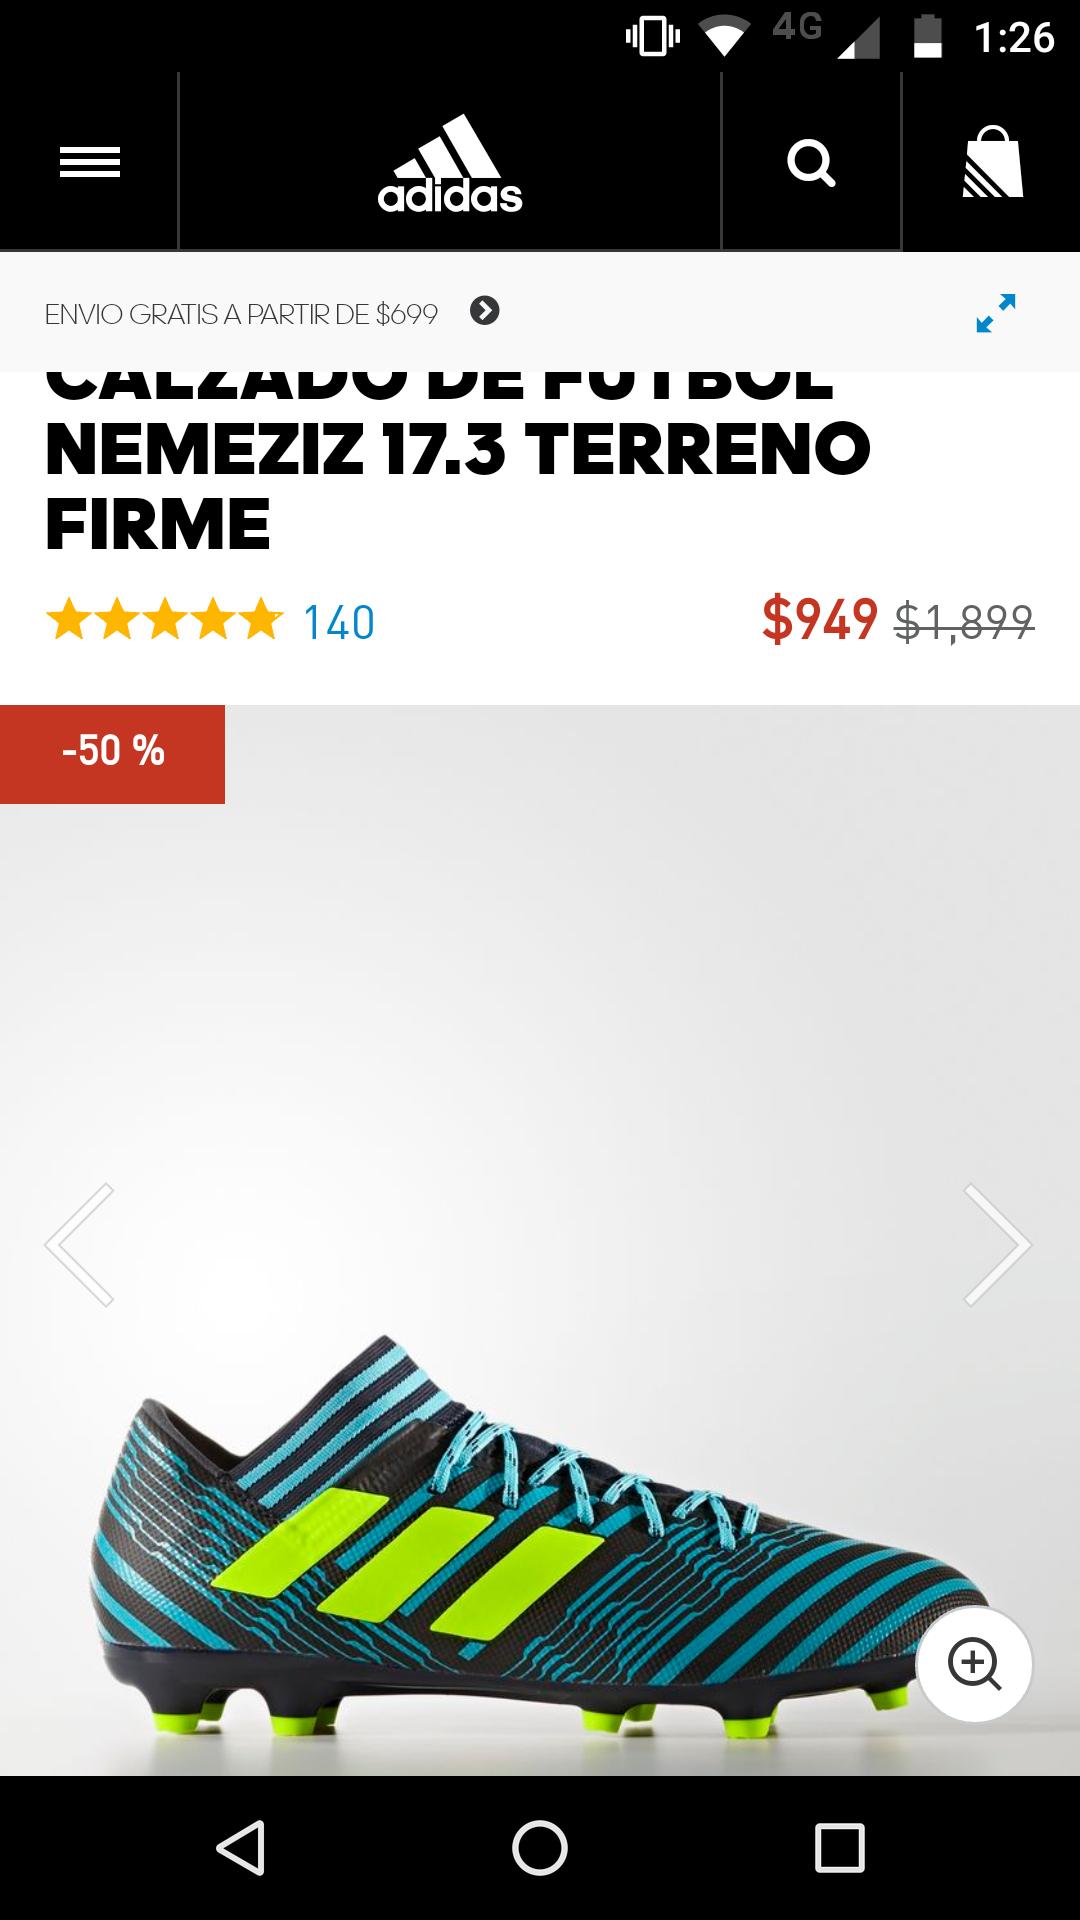 Adidas: Adidas nemeziz 17.3